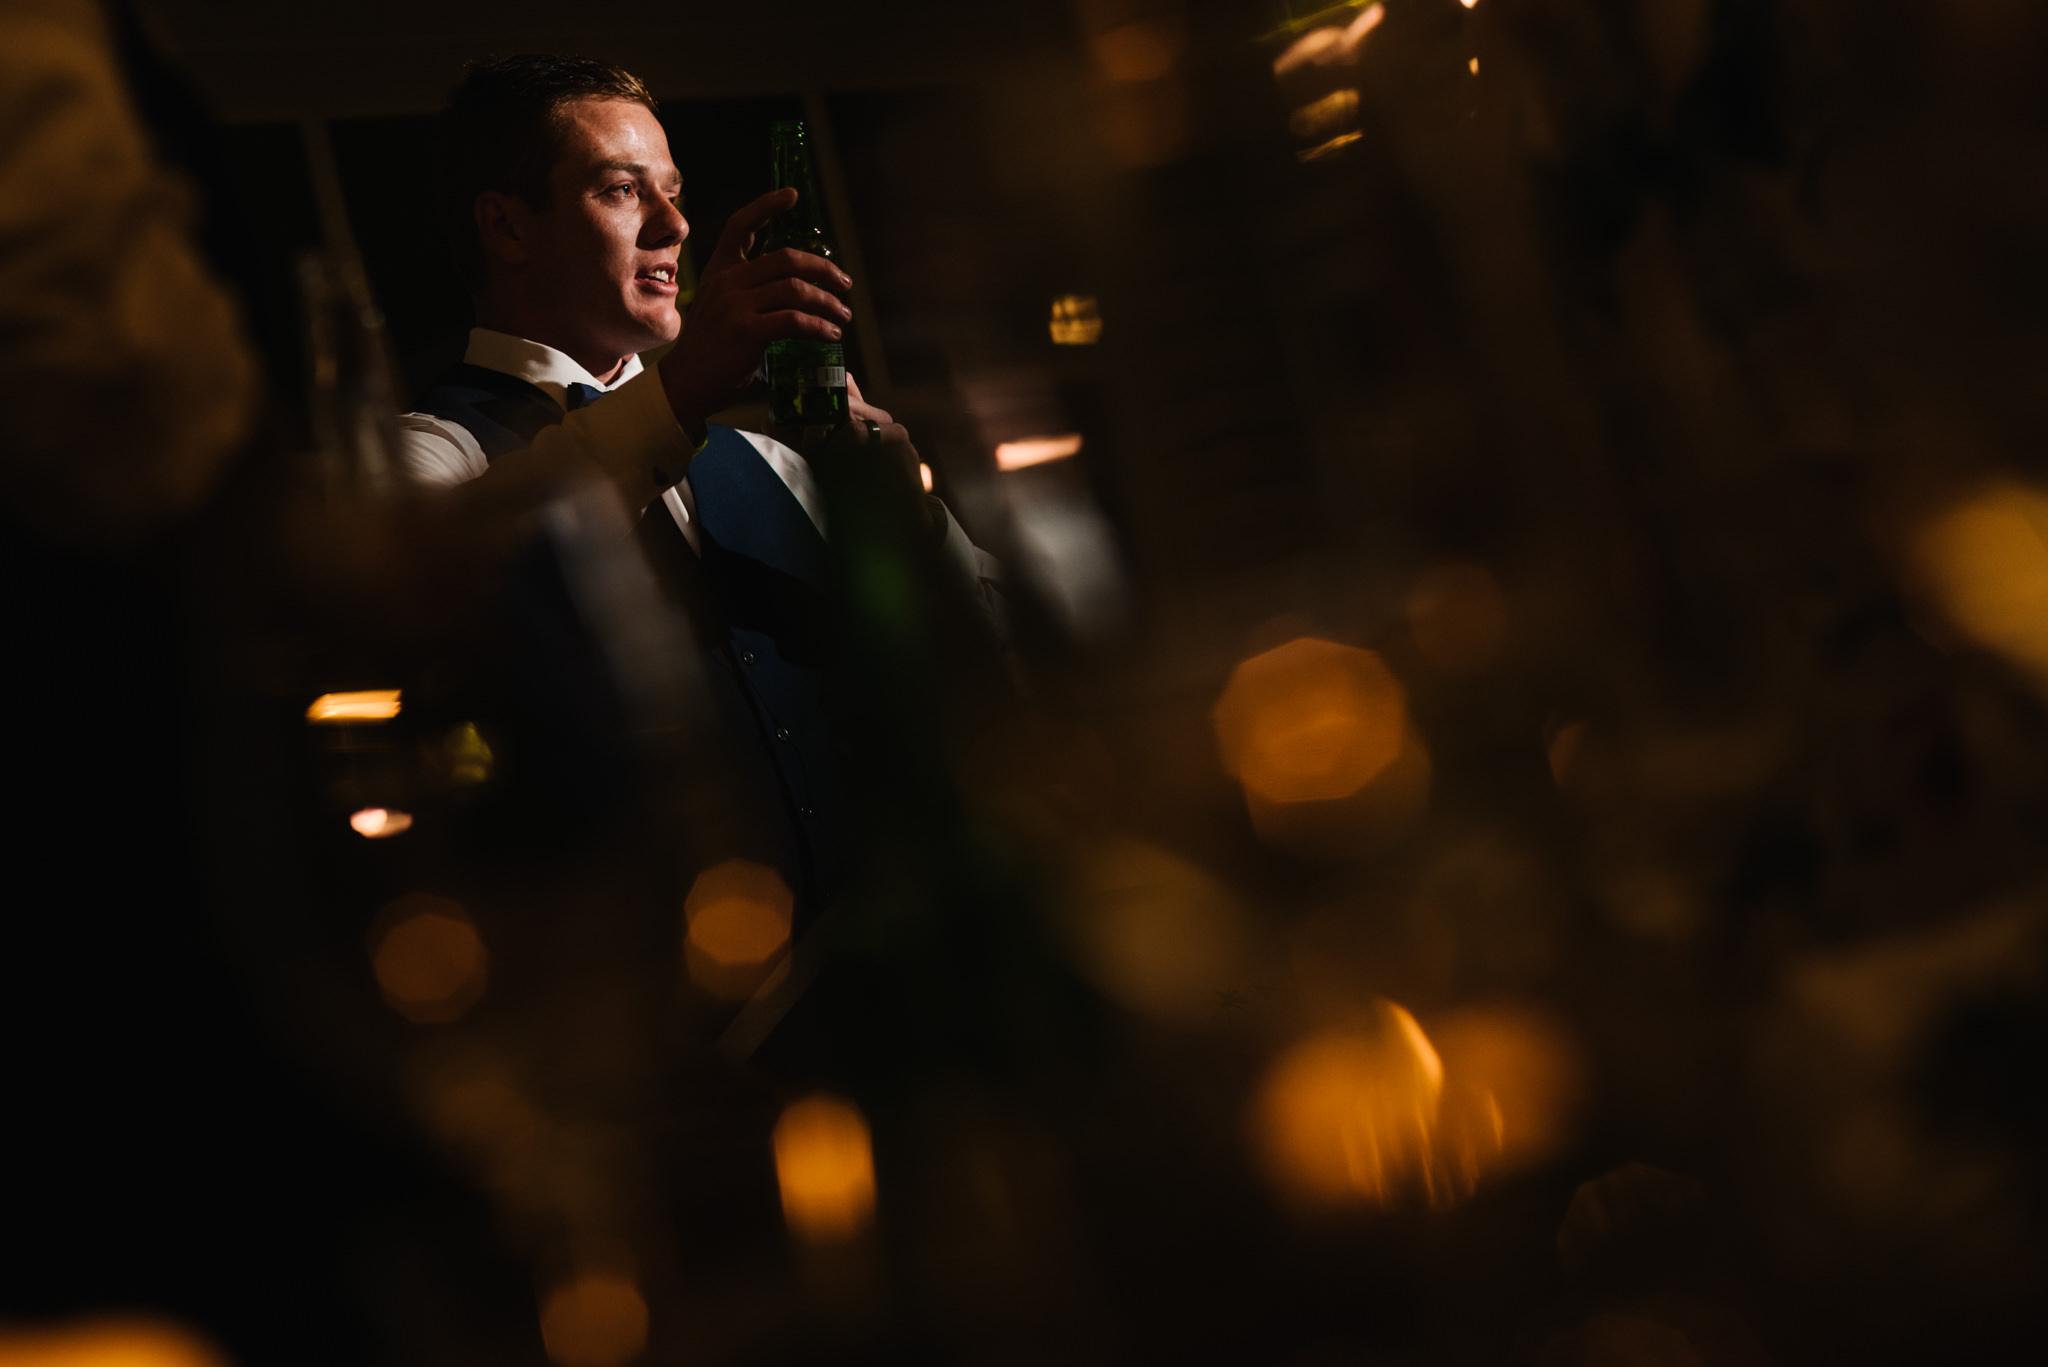 Best man giving speech amongst candlelight